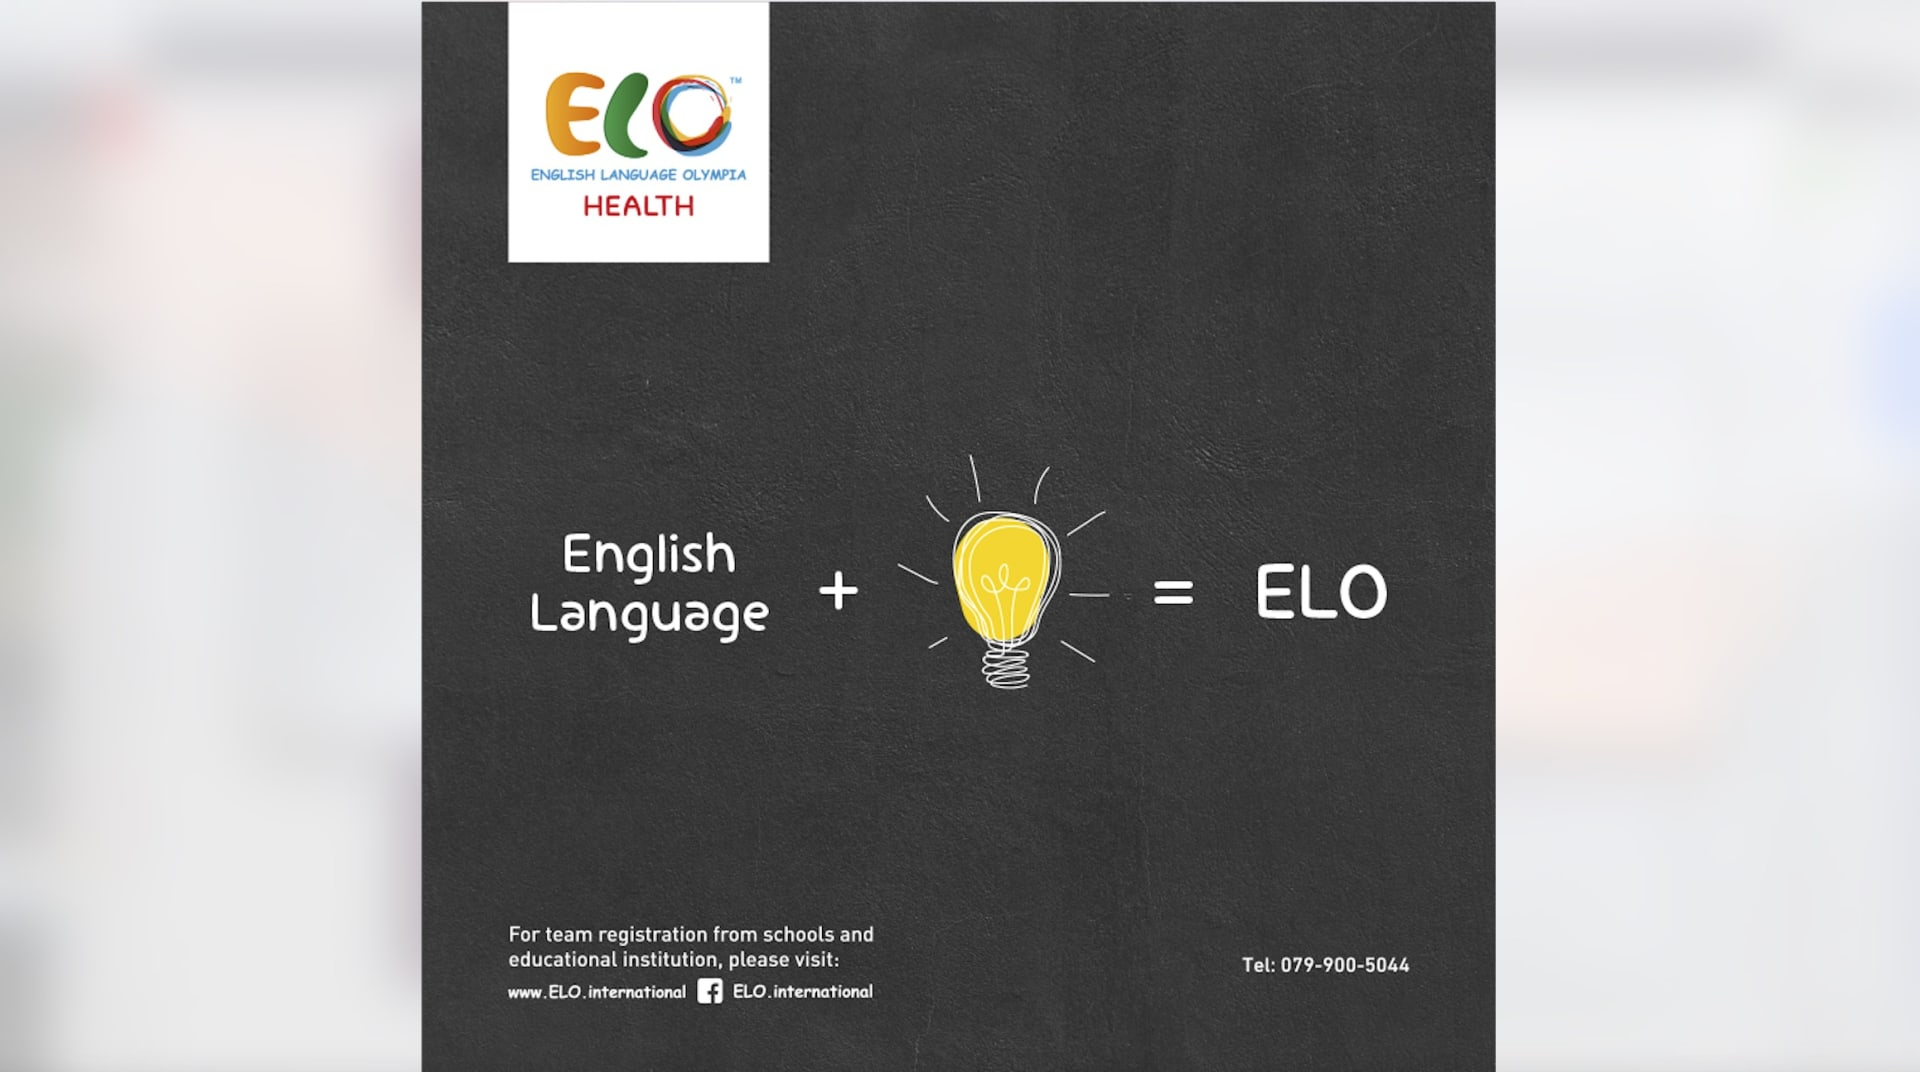 ما هو أولمبياد اللغة الإنجليزية المُقام في الأردن؟